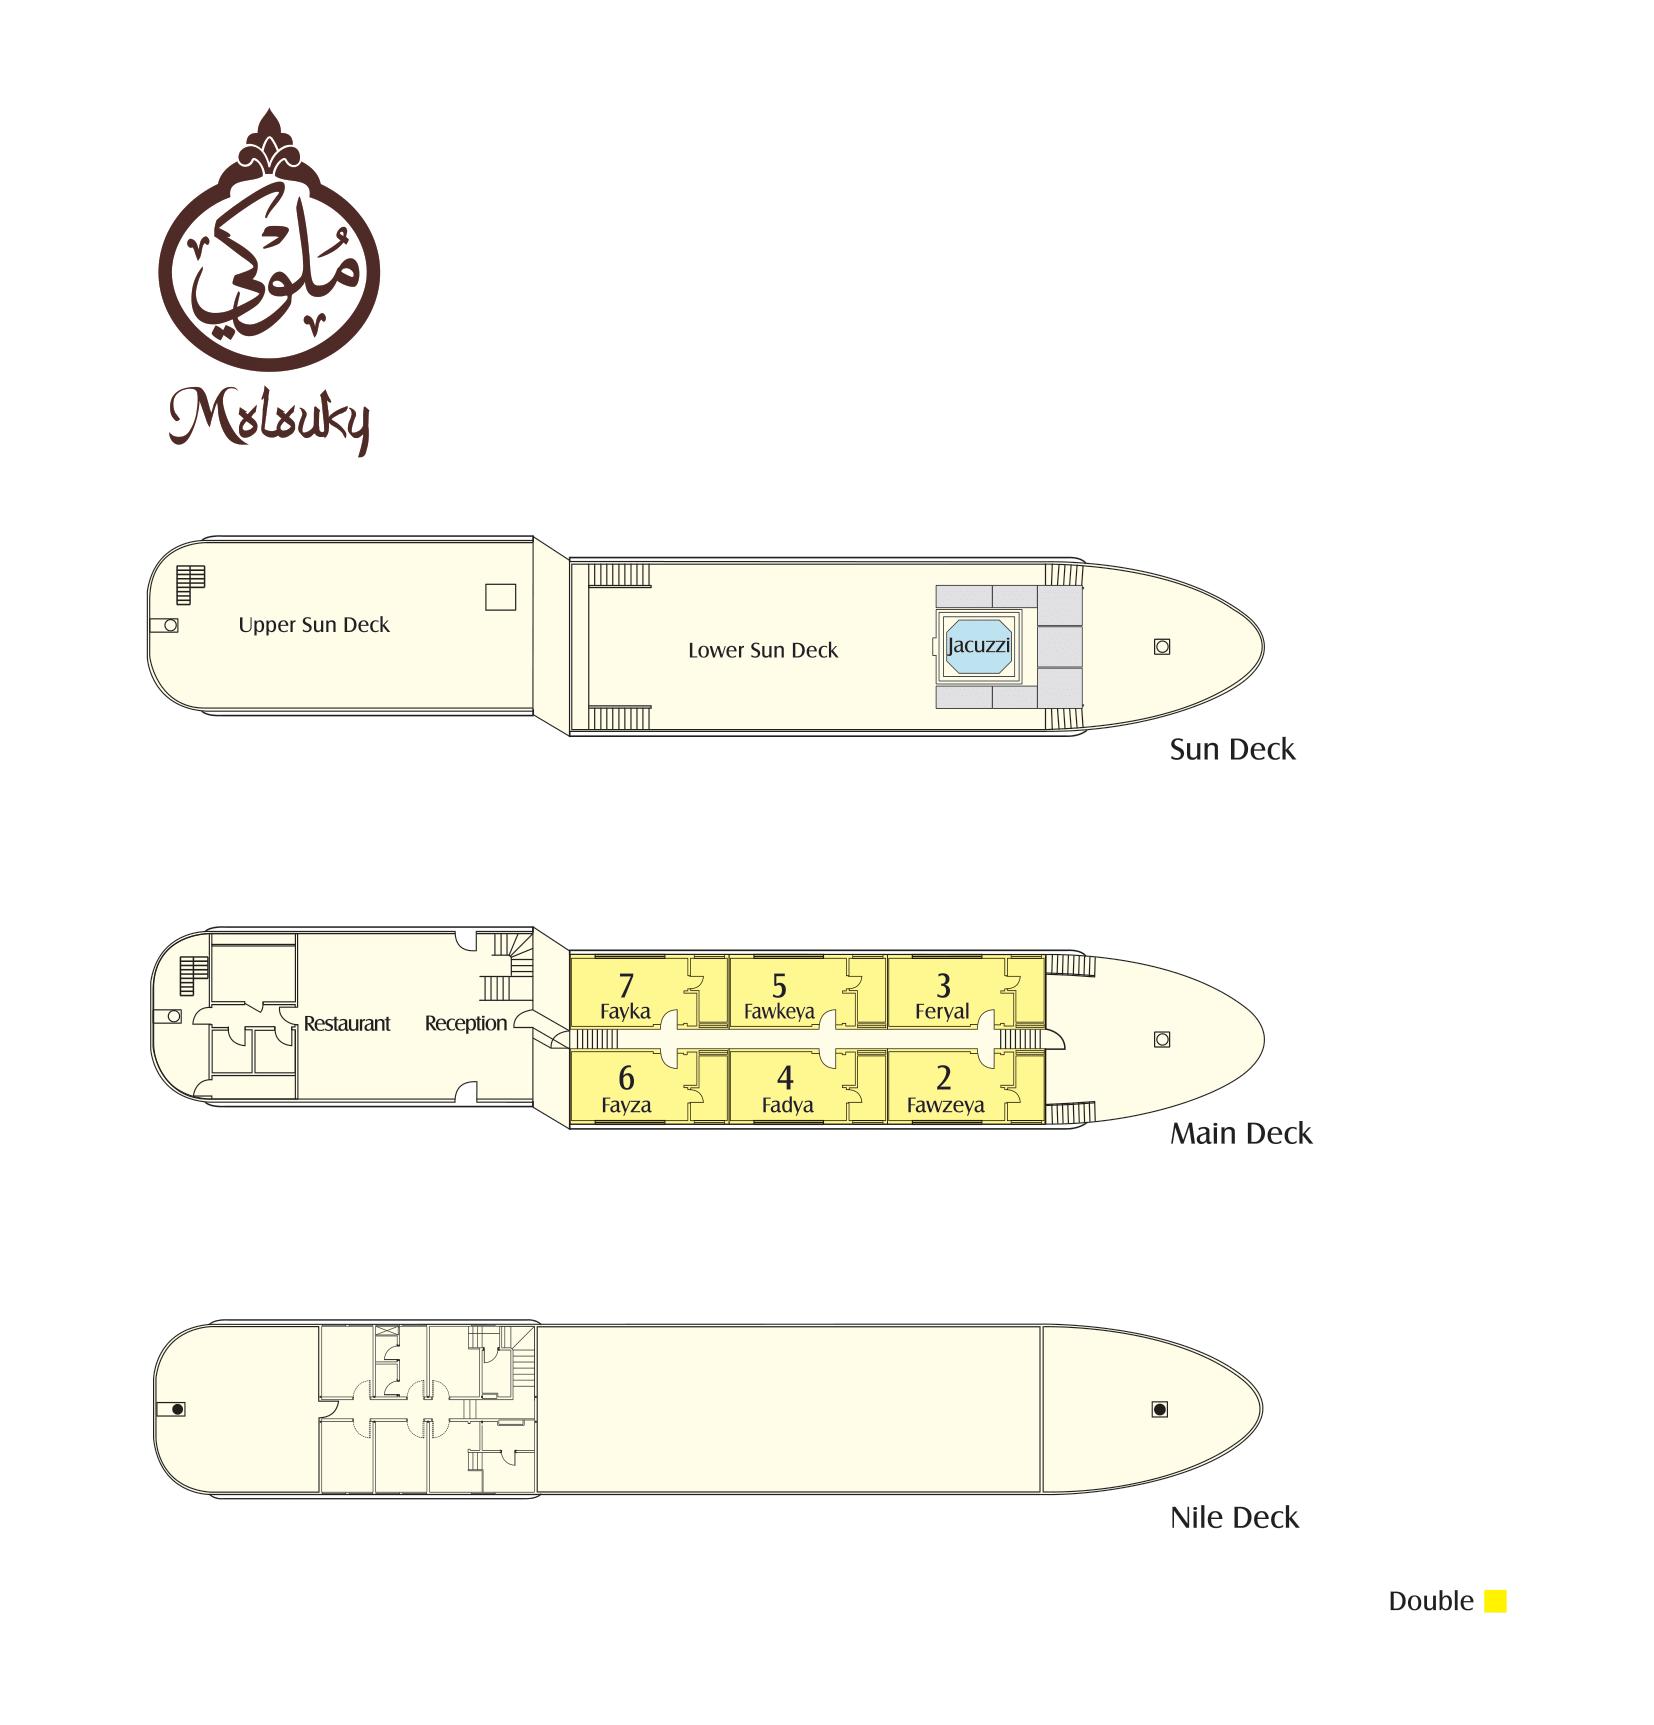 Dahabeya Molouky Deck Plan-1